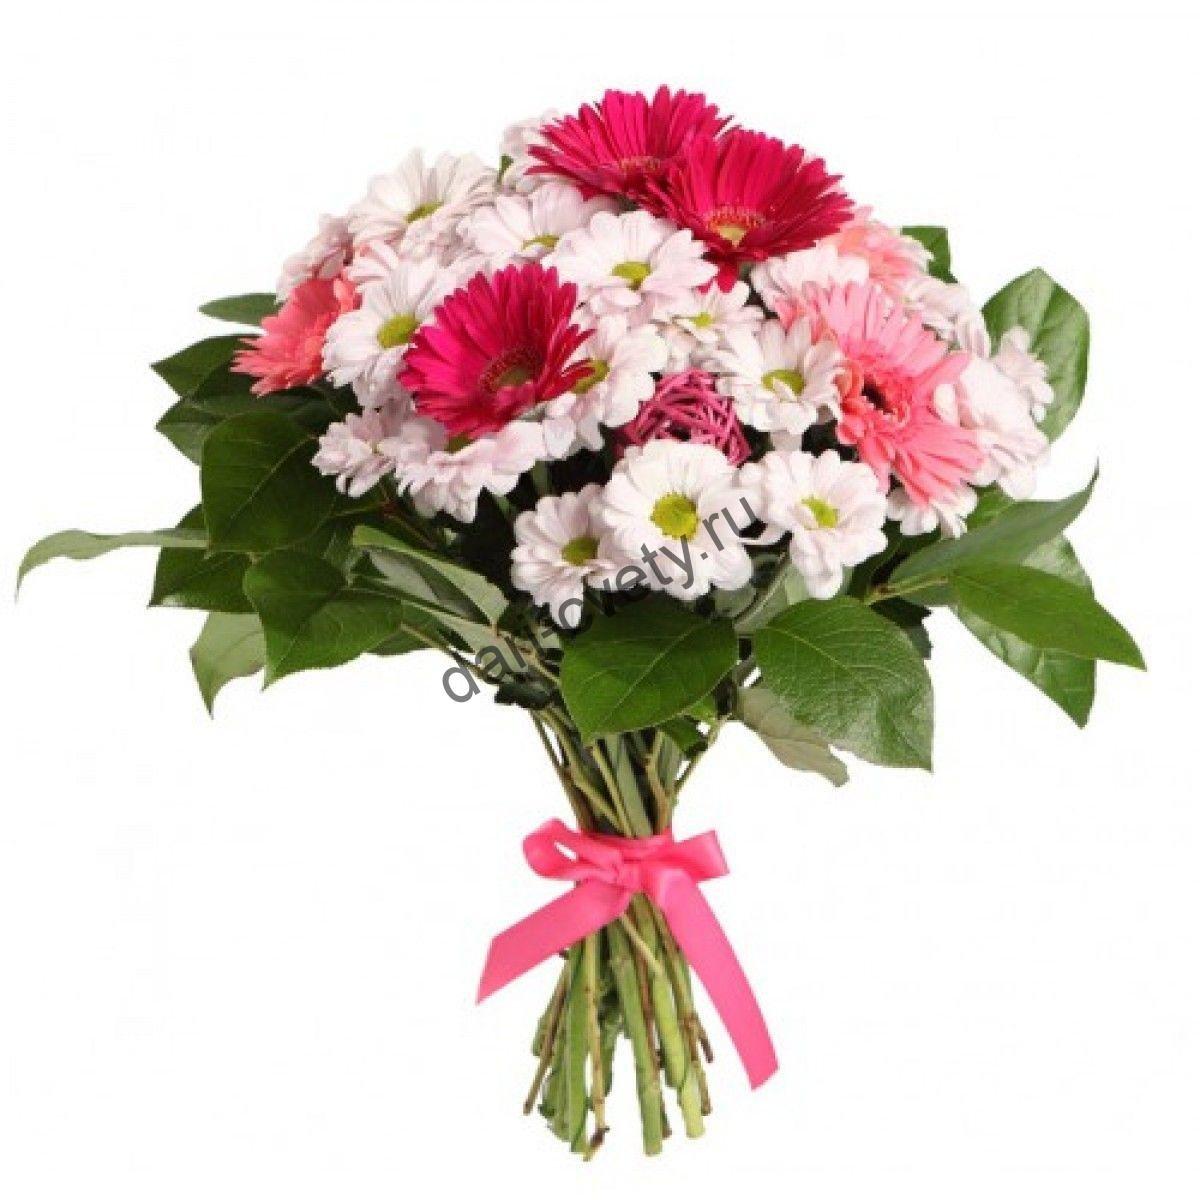 Букет хризантемы белые и розовые цветы, доставка цветы